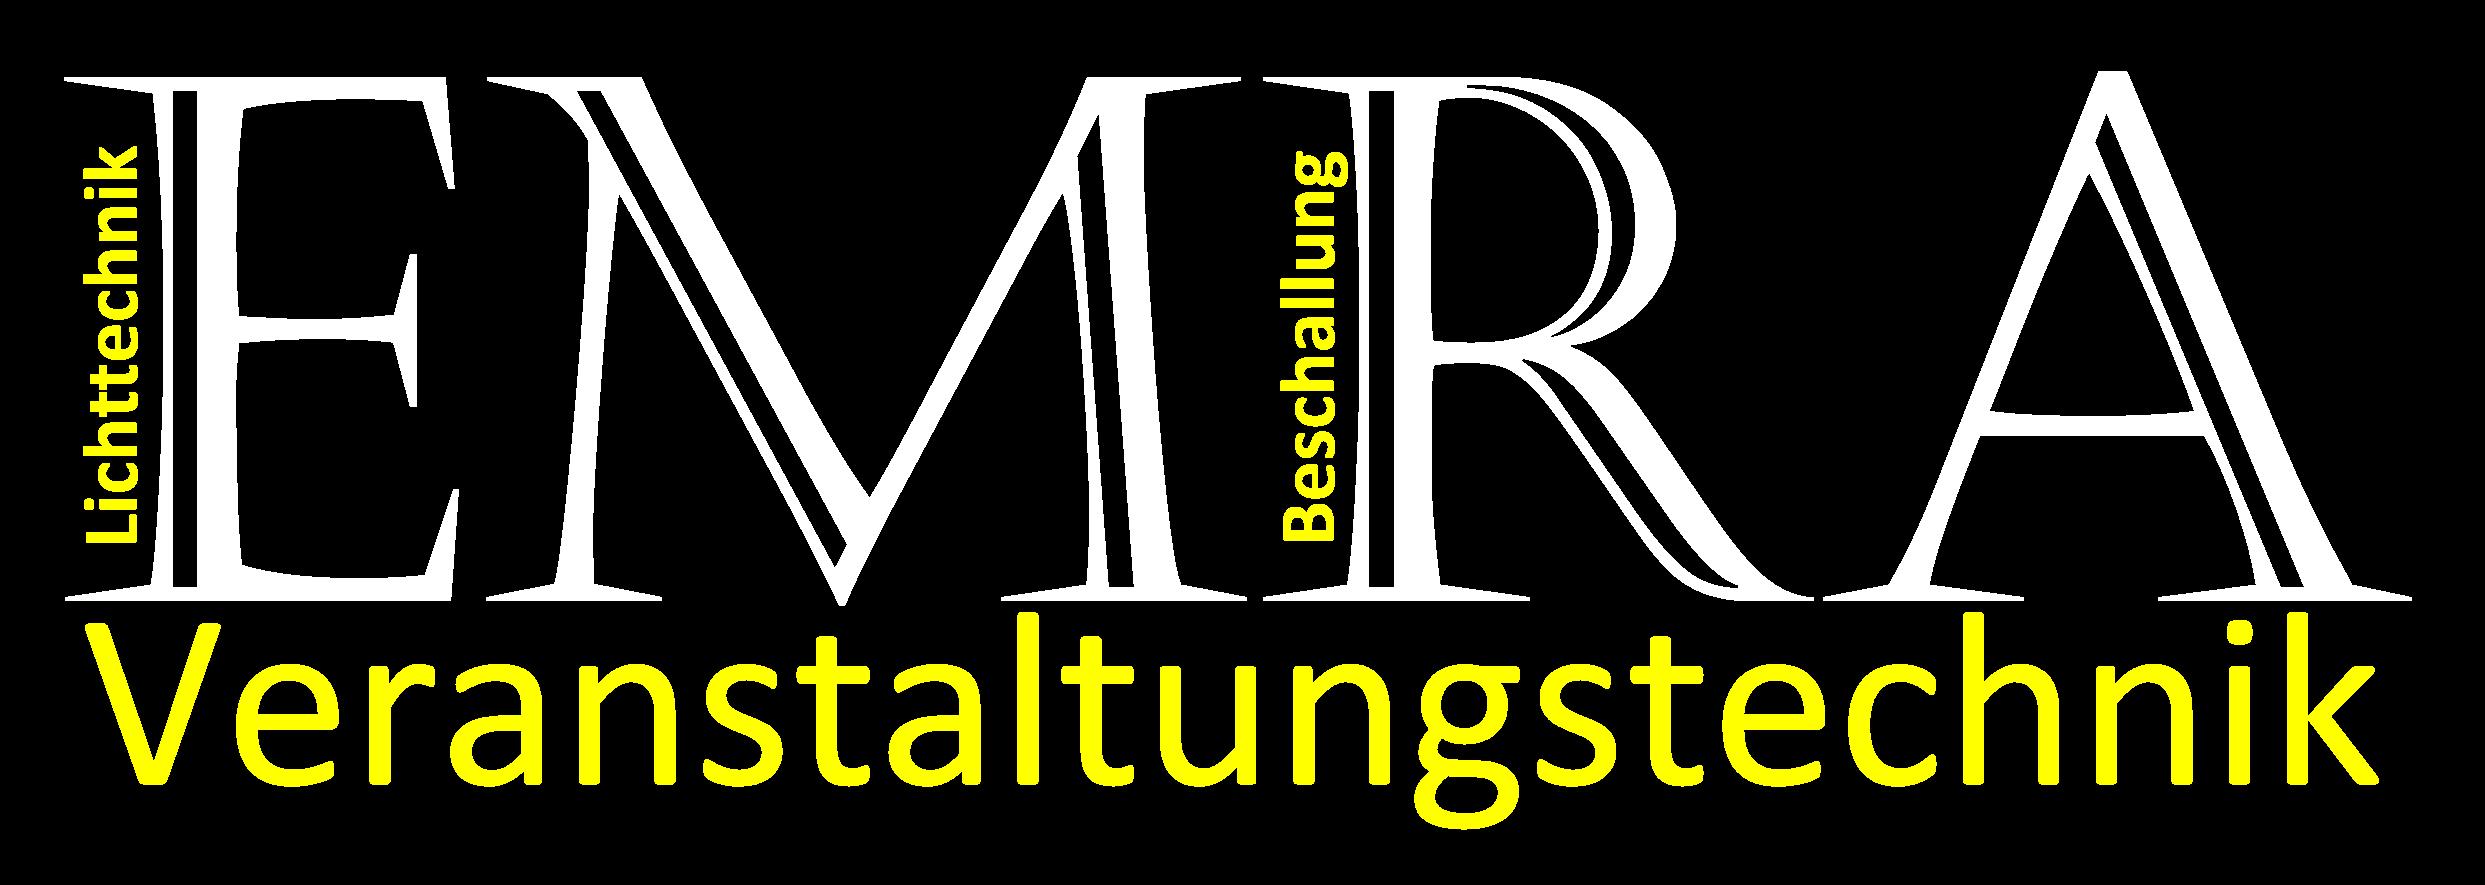 EMRA-VT Logo